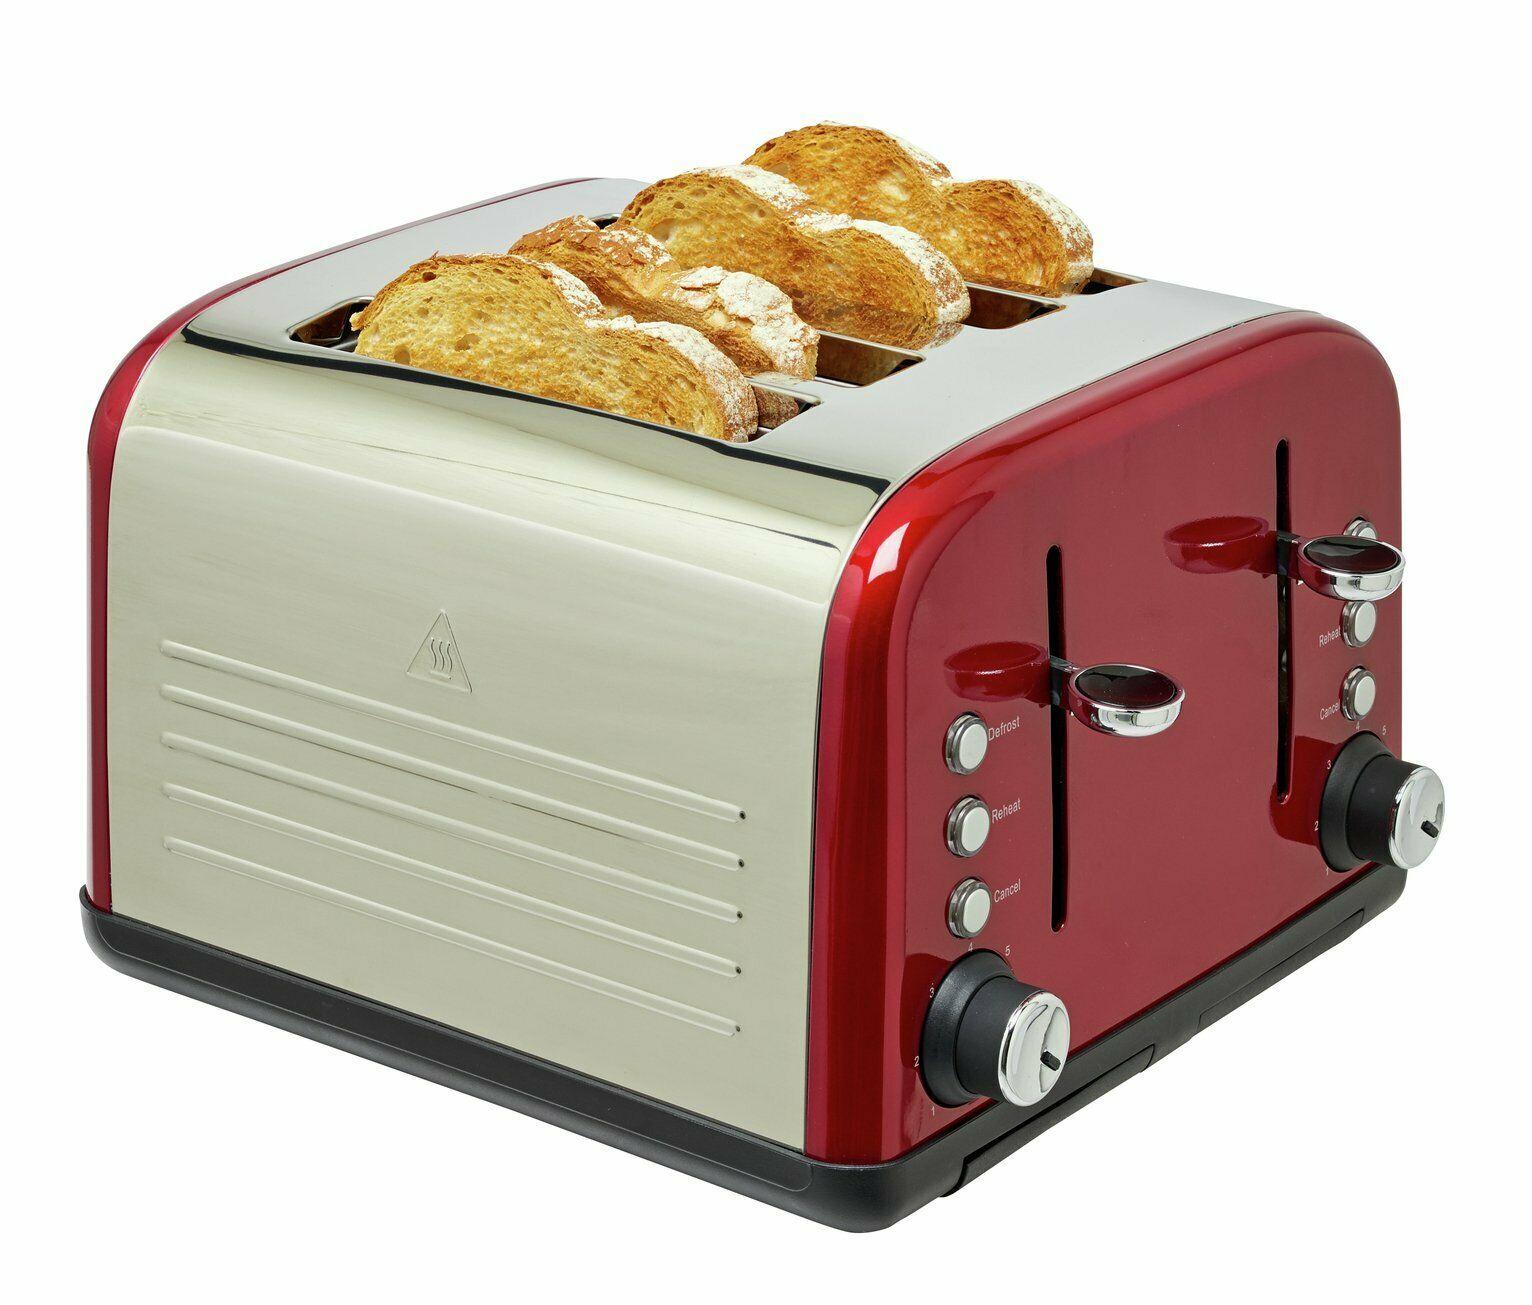 Cookworks 1800W 4 Slice Independent Wide Slot Toaster - Red - £13.99 @ Argos / ebay